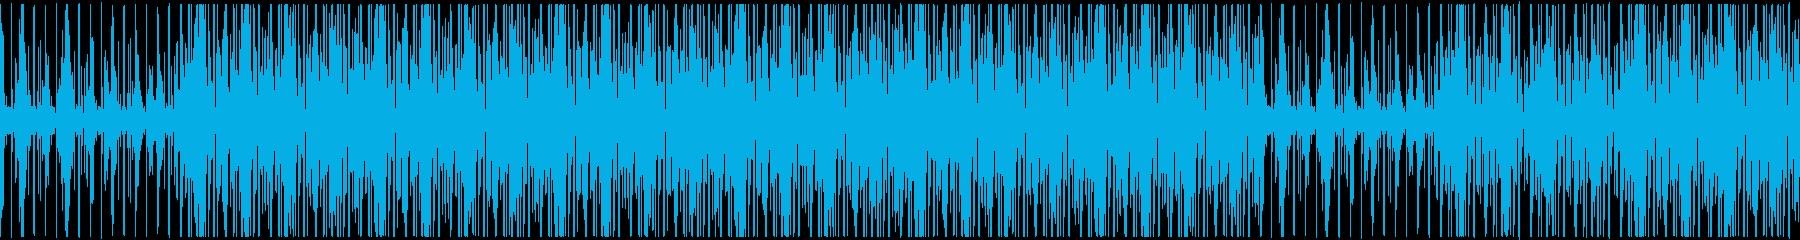 ダークで怪しげなヒップホップトラックの再生済みの波形